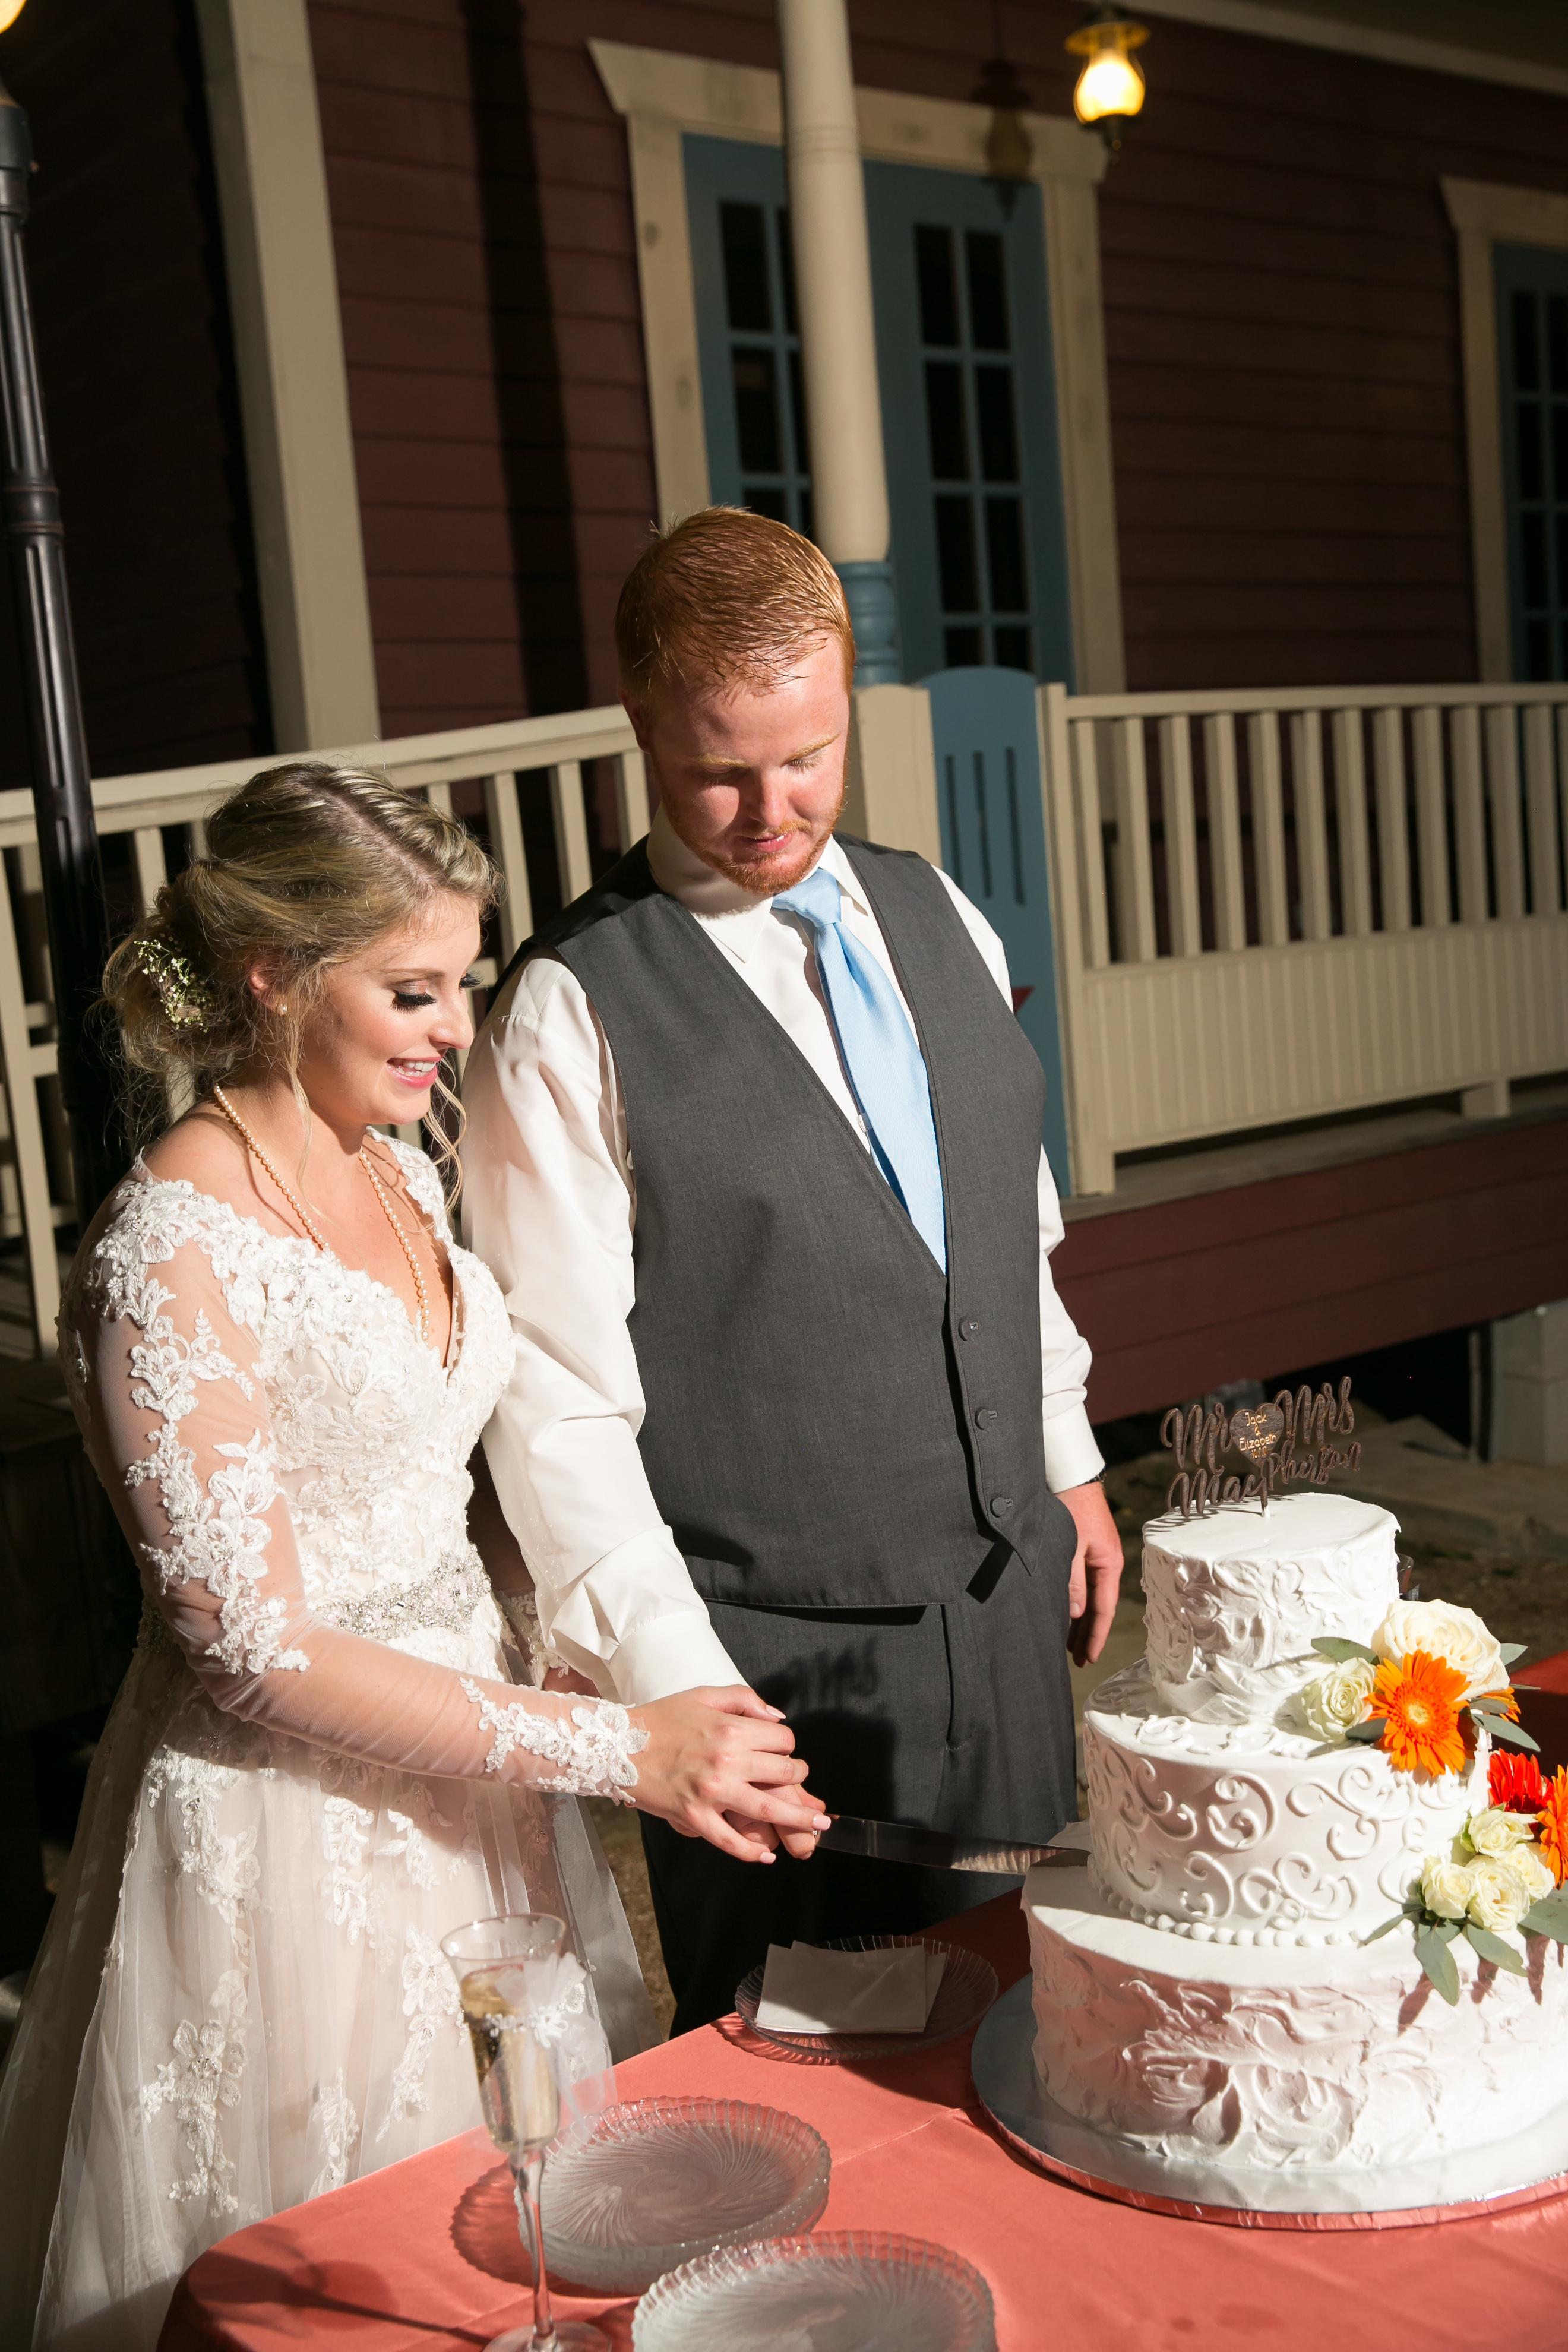 wedding cake_hisandhersfoto